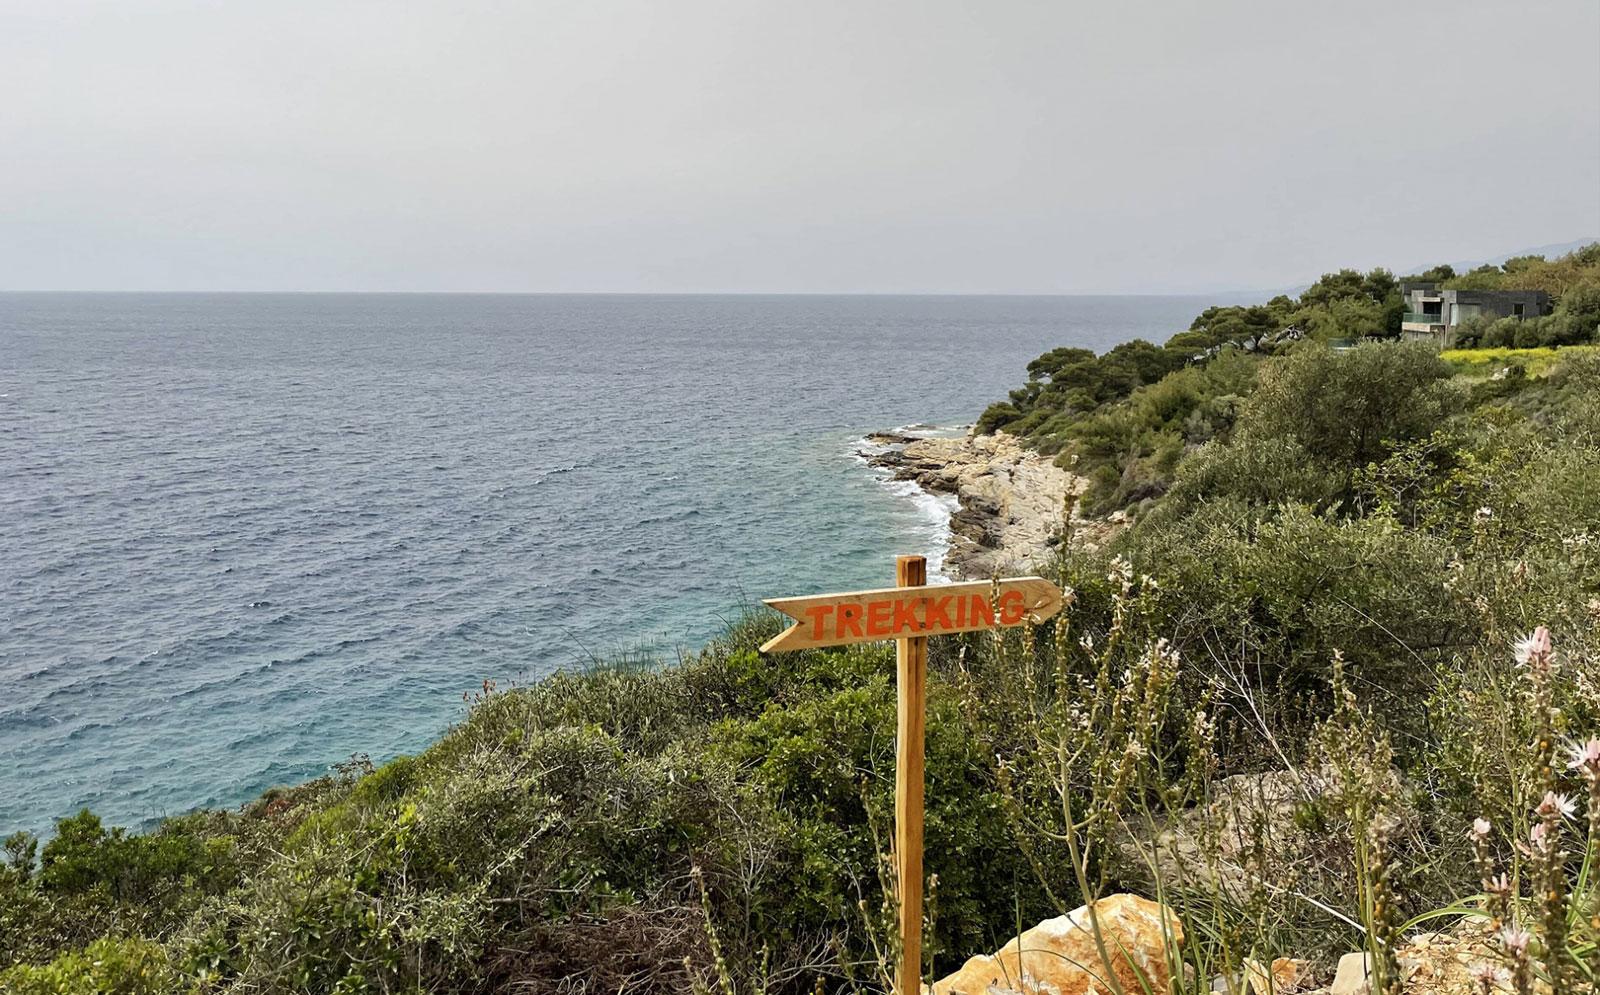 Trekking - Pinebay.com